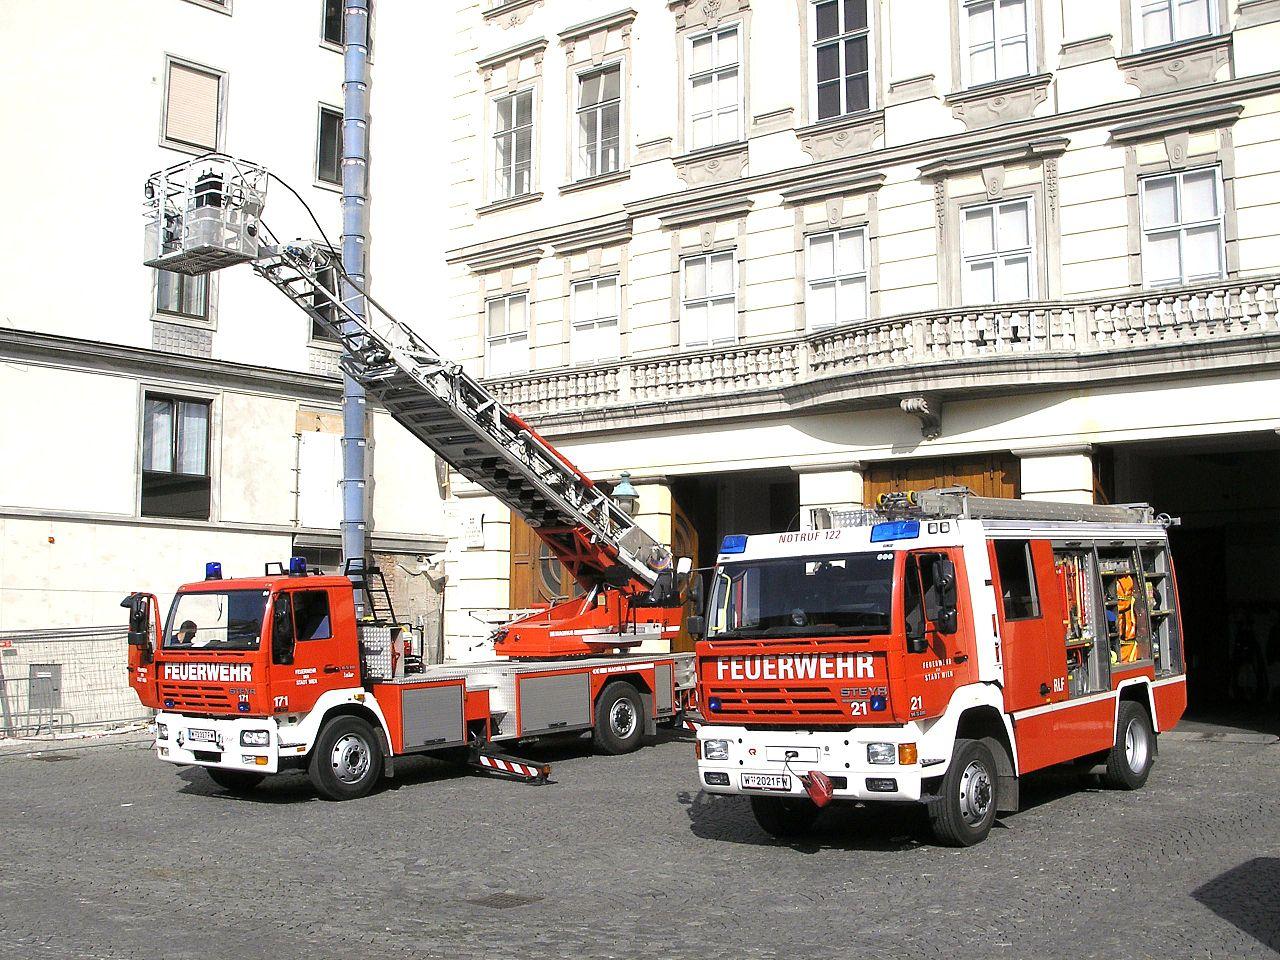 Fahrzeuge der Wiener Feuerwehr Am Hof in der Wiener Innenstadt - Bildquelle: Wikimedia/Gryffindor, frei unter CC. 2.5